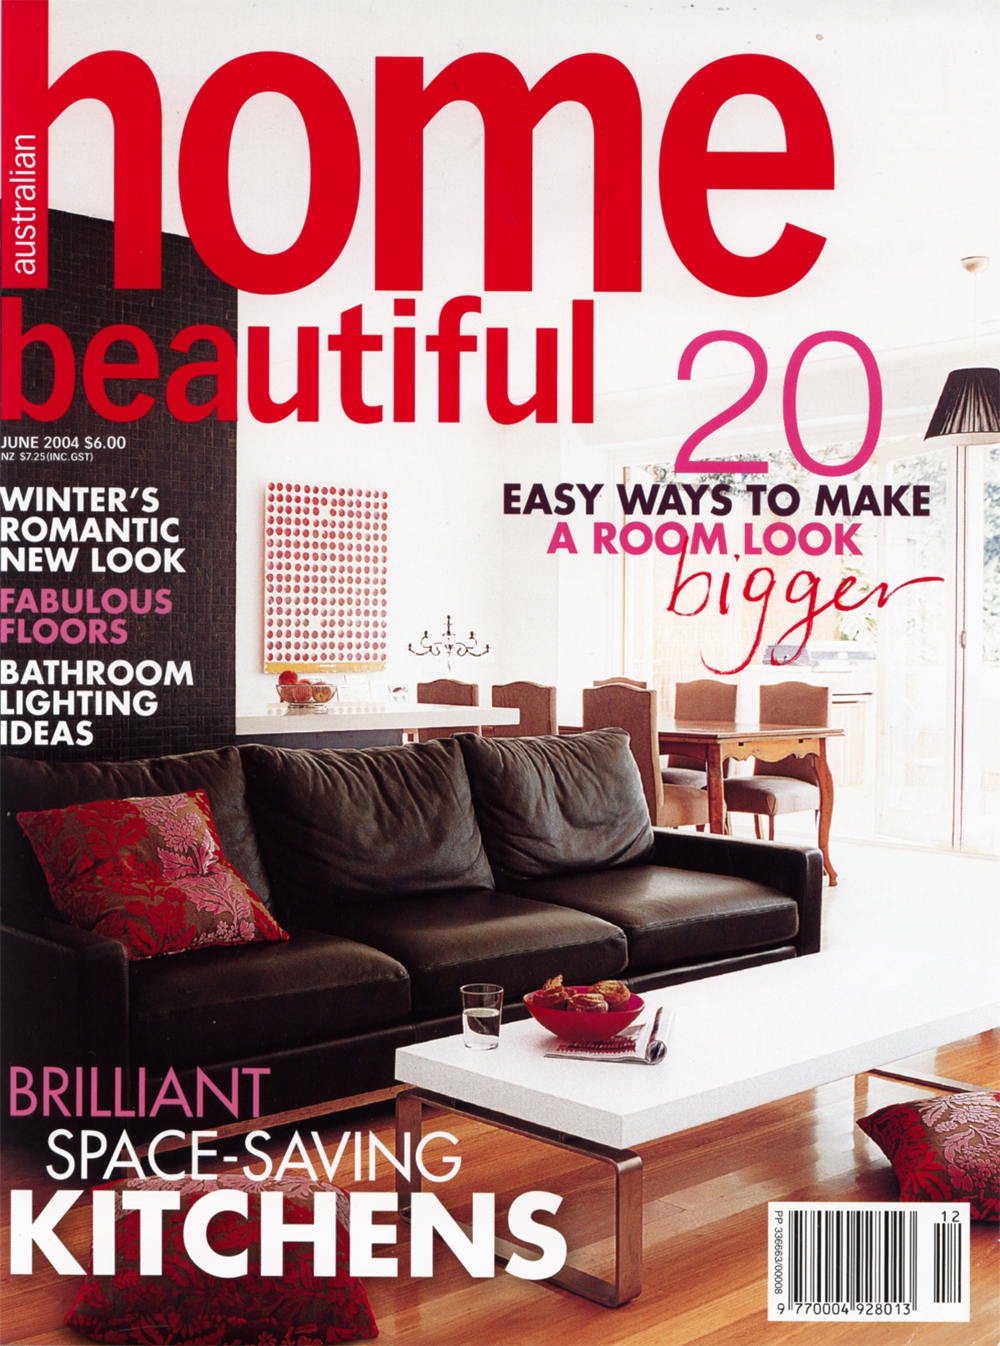 Home_Beautiful_June04_article cover.jpg